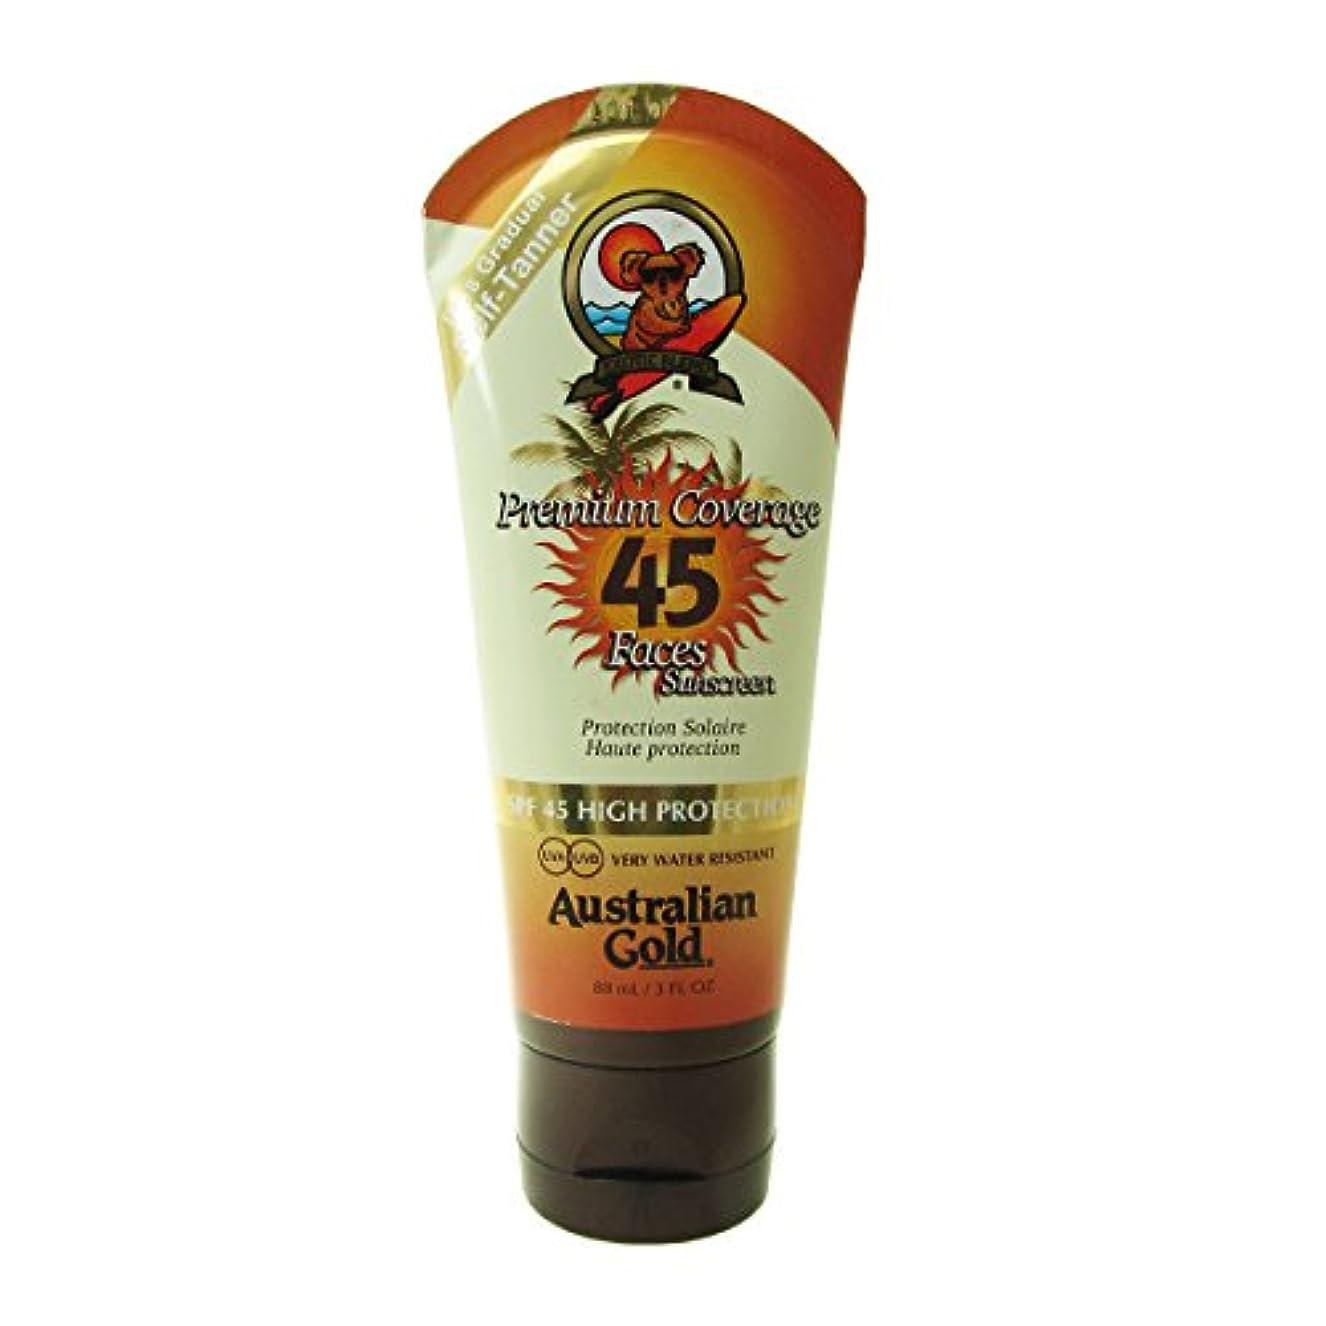 シンク器具疎外Australian Gold Sunscreen Spf 45 With Self-tanner 88ml [並行輸入品]